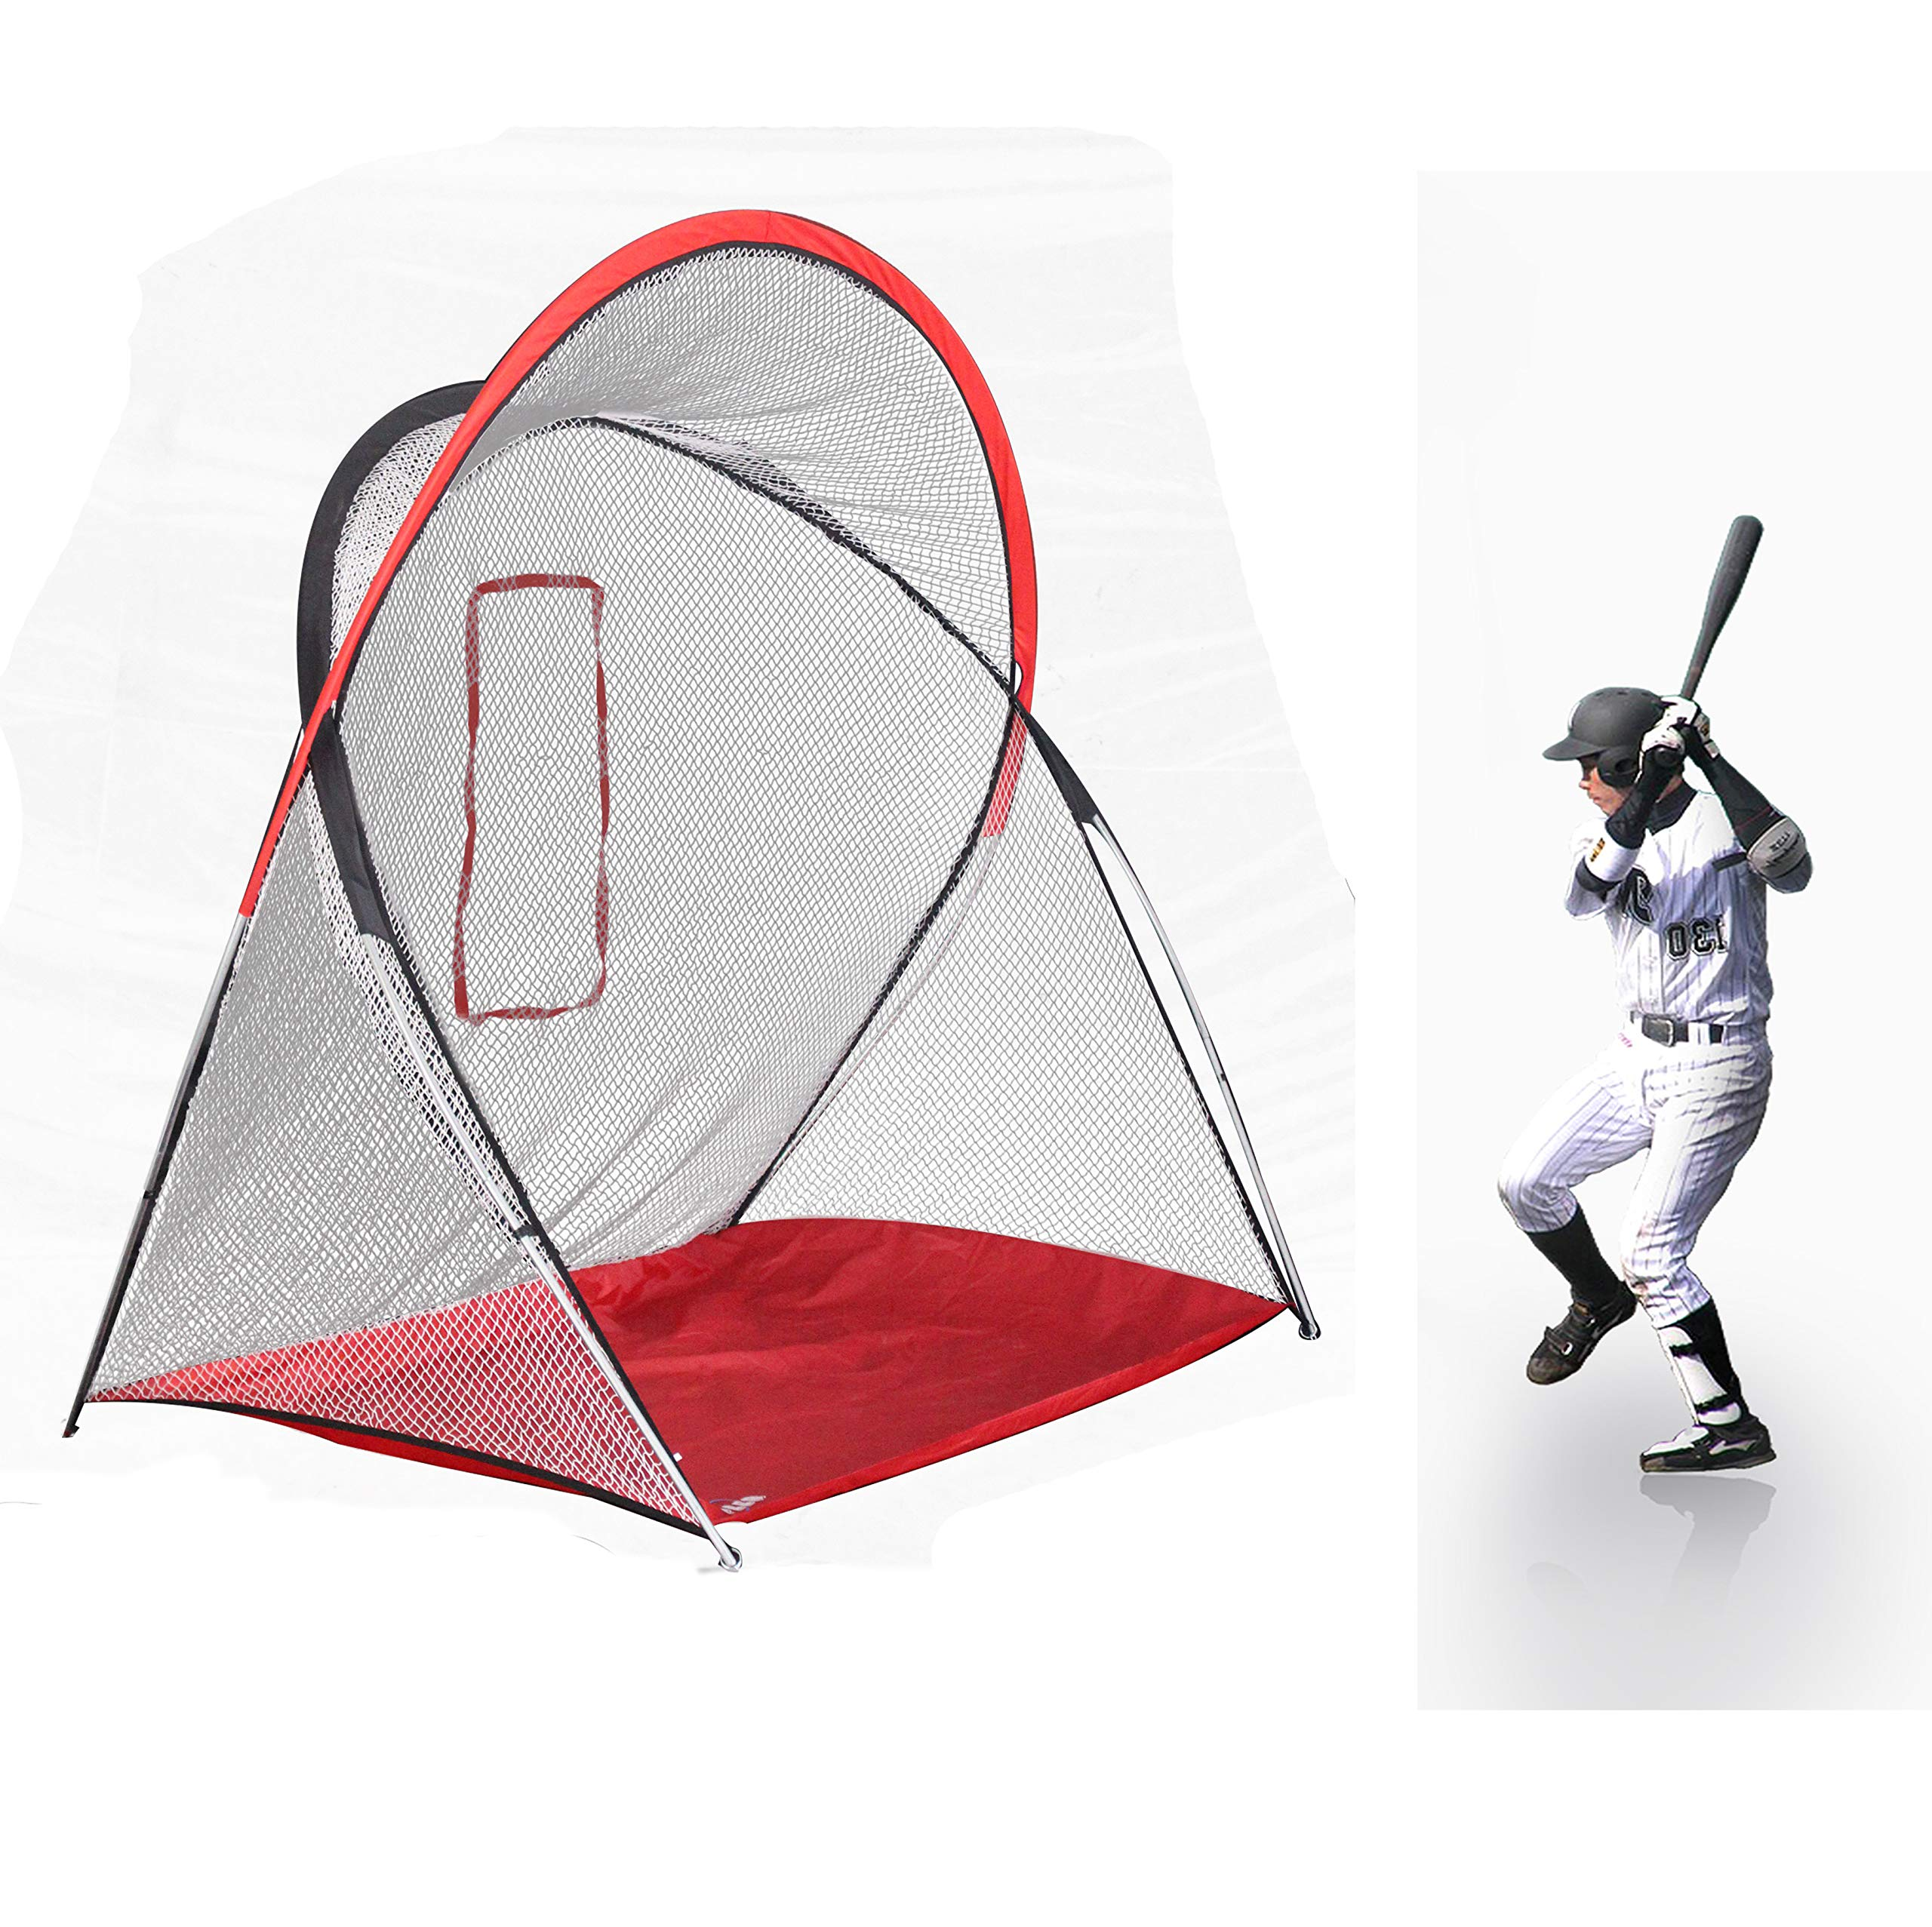 Kapler Baseball Softball Practice Net Practice Hitting Pitching Baseball Batting net Practice Driving net 220cm(L) x140cm(W) x210cm(H) by Kapler